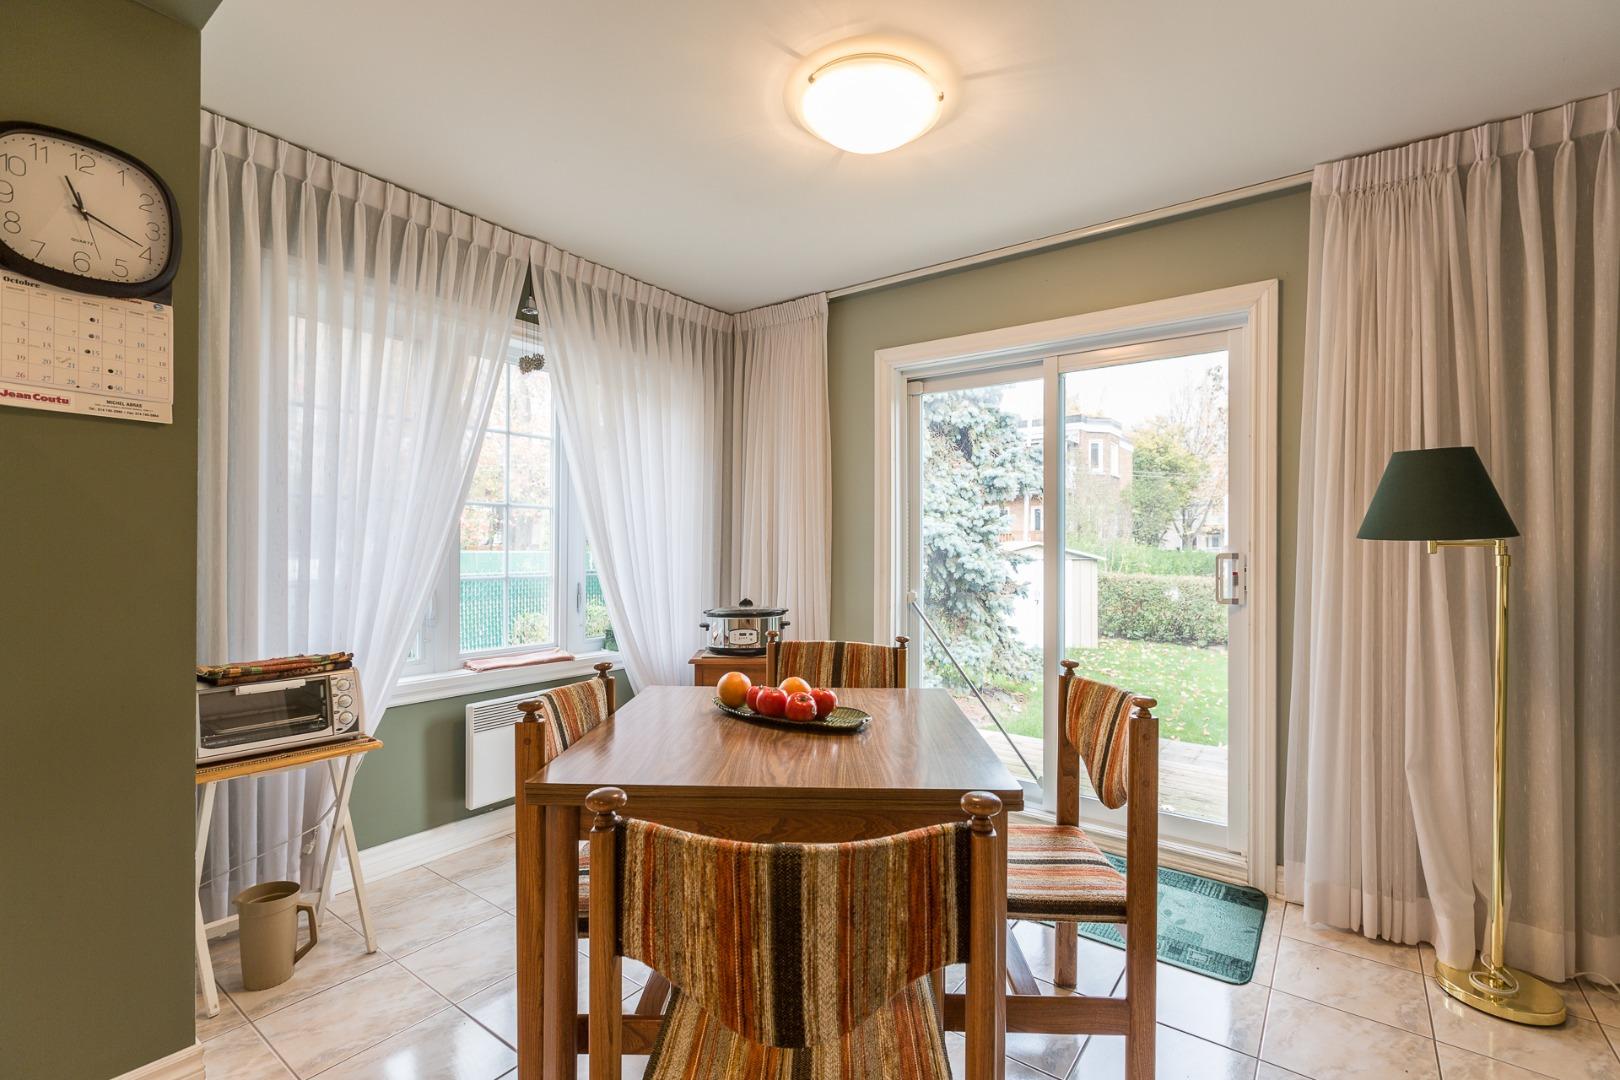 Duplex à vendre Montréal Ahuntsic-Cartierville-Nouveau Bordeaux - Salle à manger